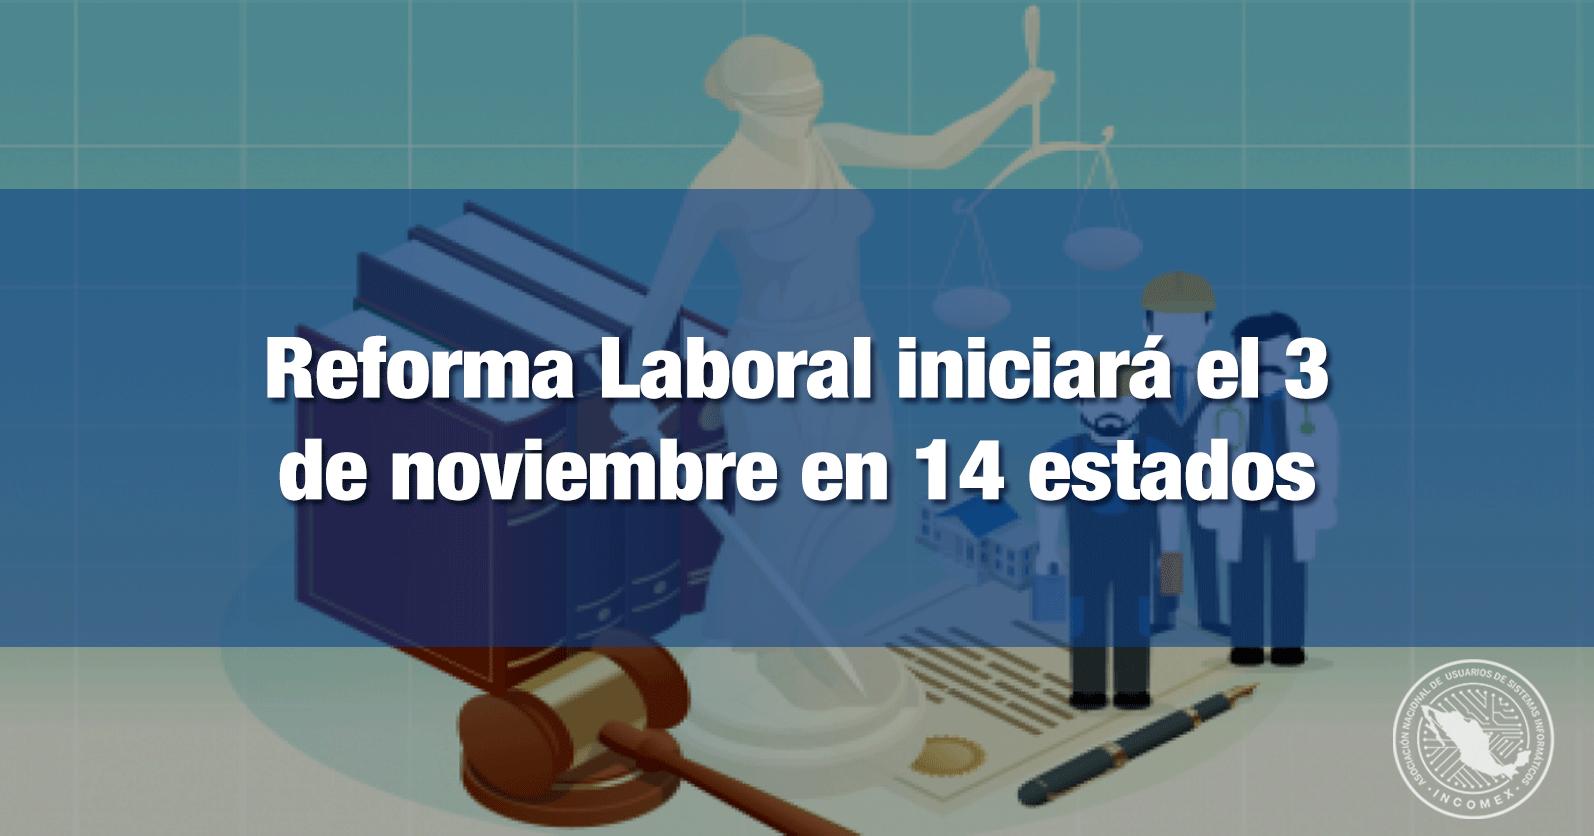 Reforma Laboral iniciará el 3 de noviembre en 14 estados